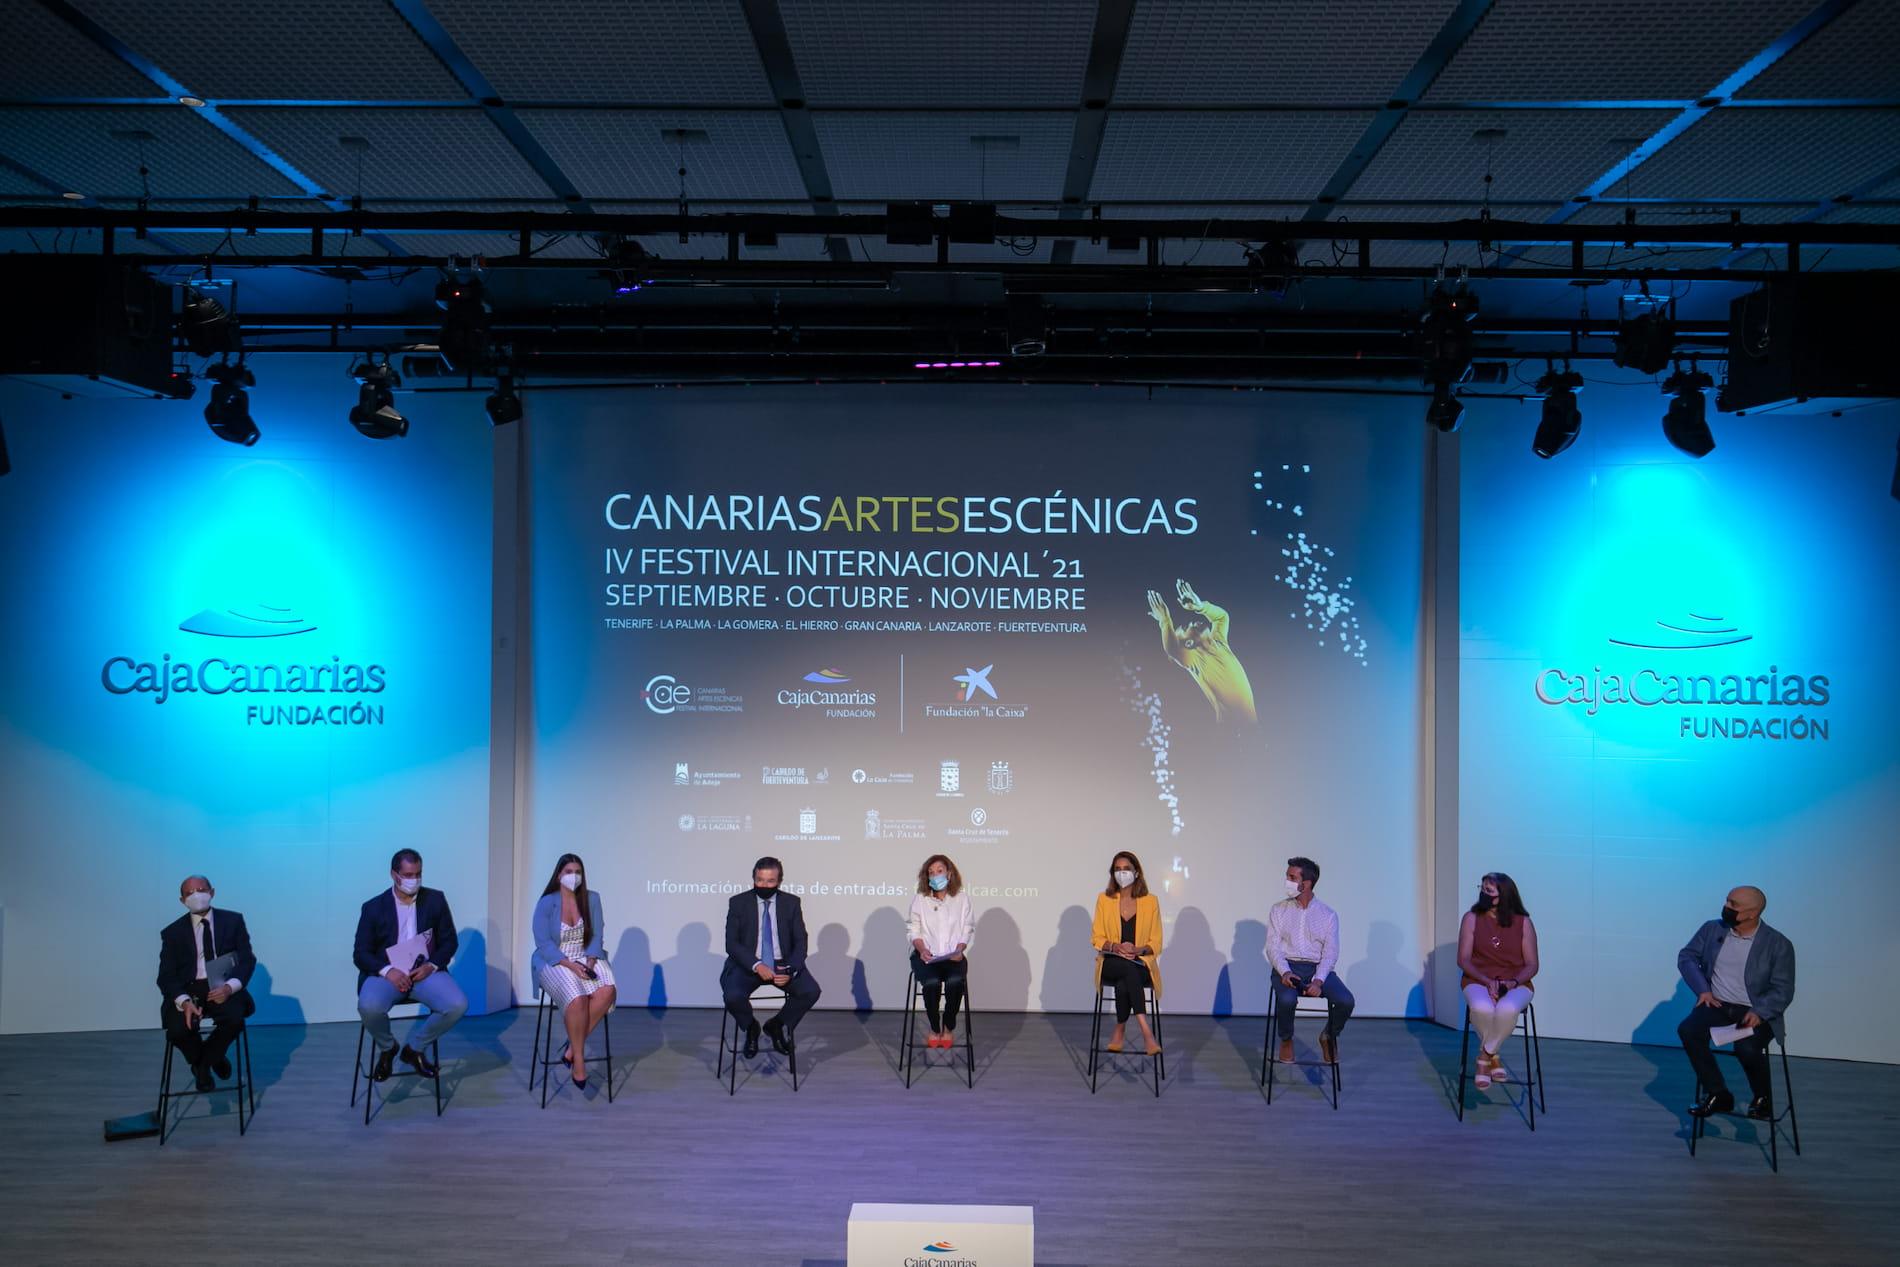 cajacanarias iv festival canarias artes escenicas2021 2